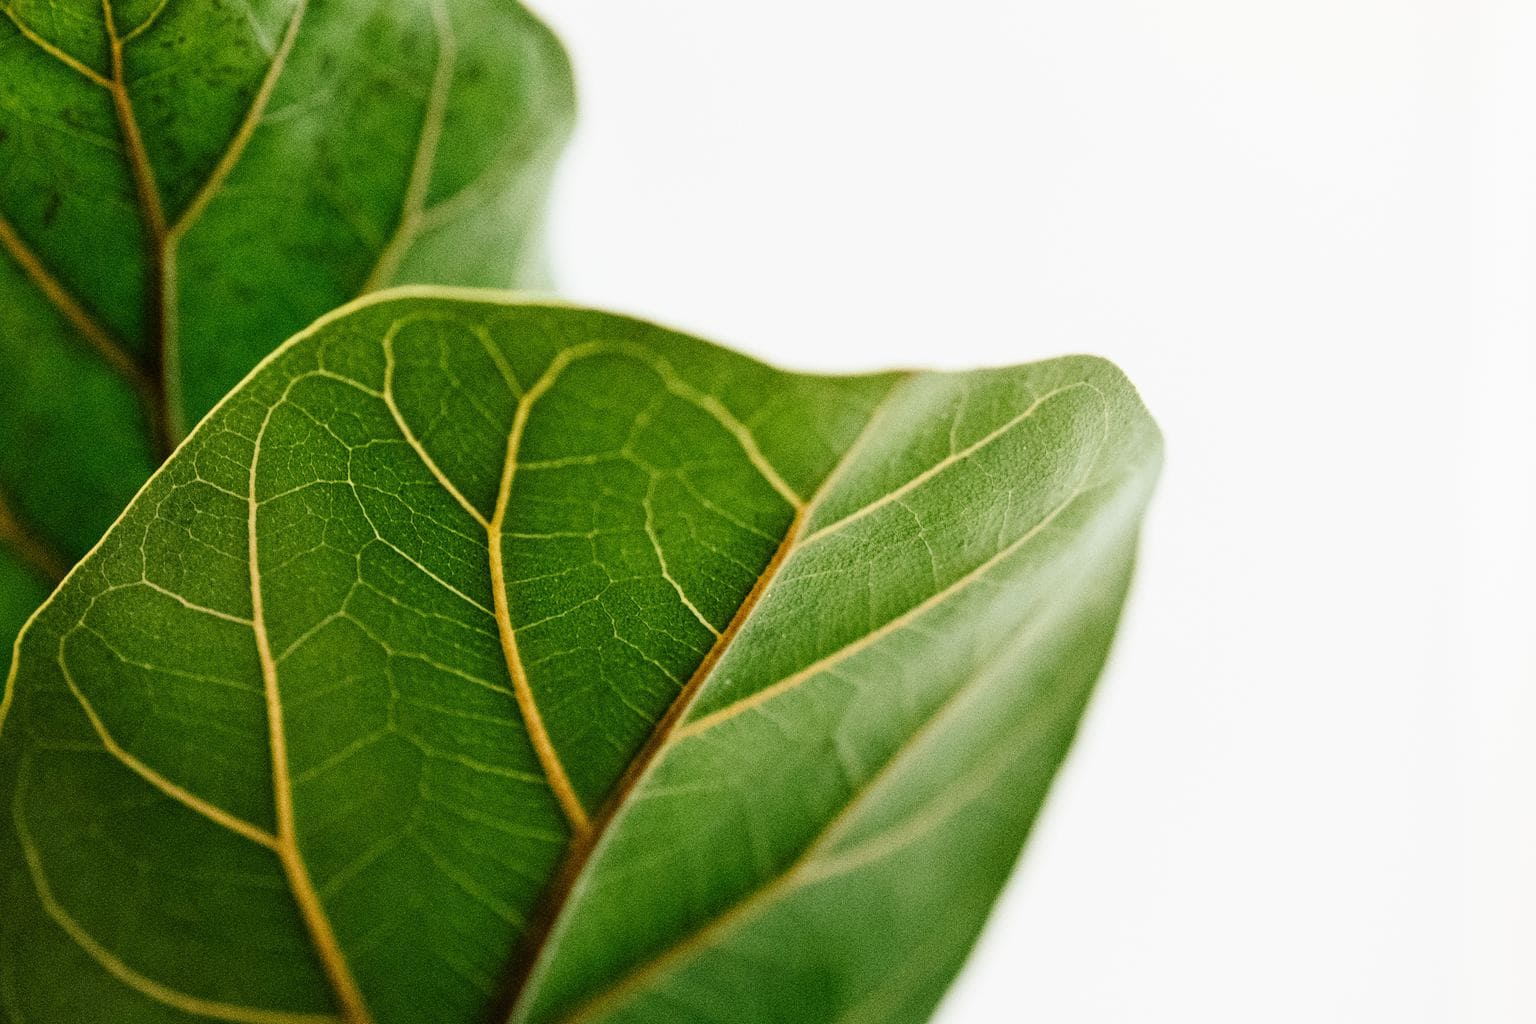 fotografía minimalista hojas verdes